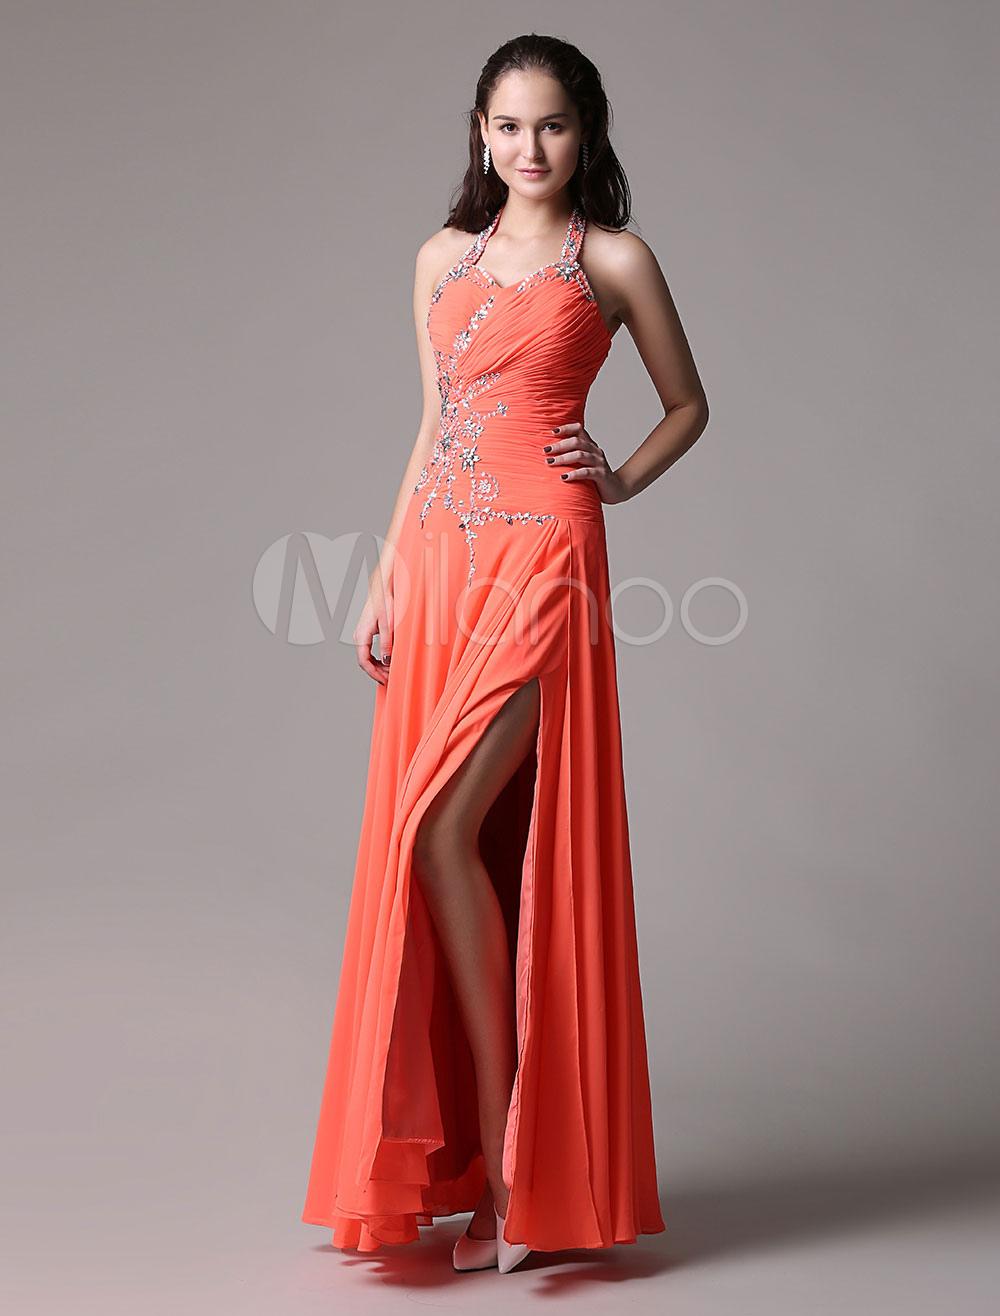 Neon Orange Prom Dress